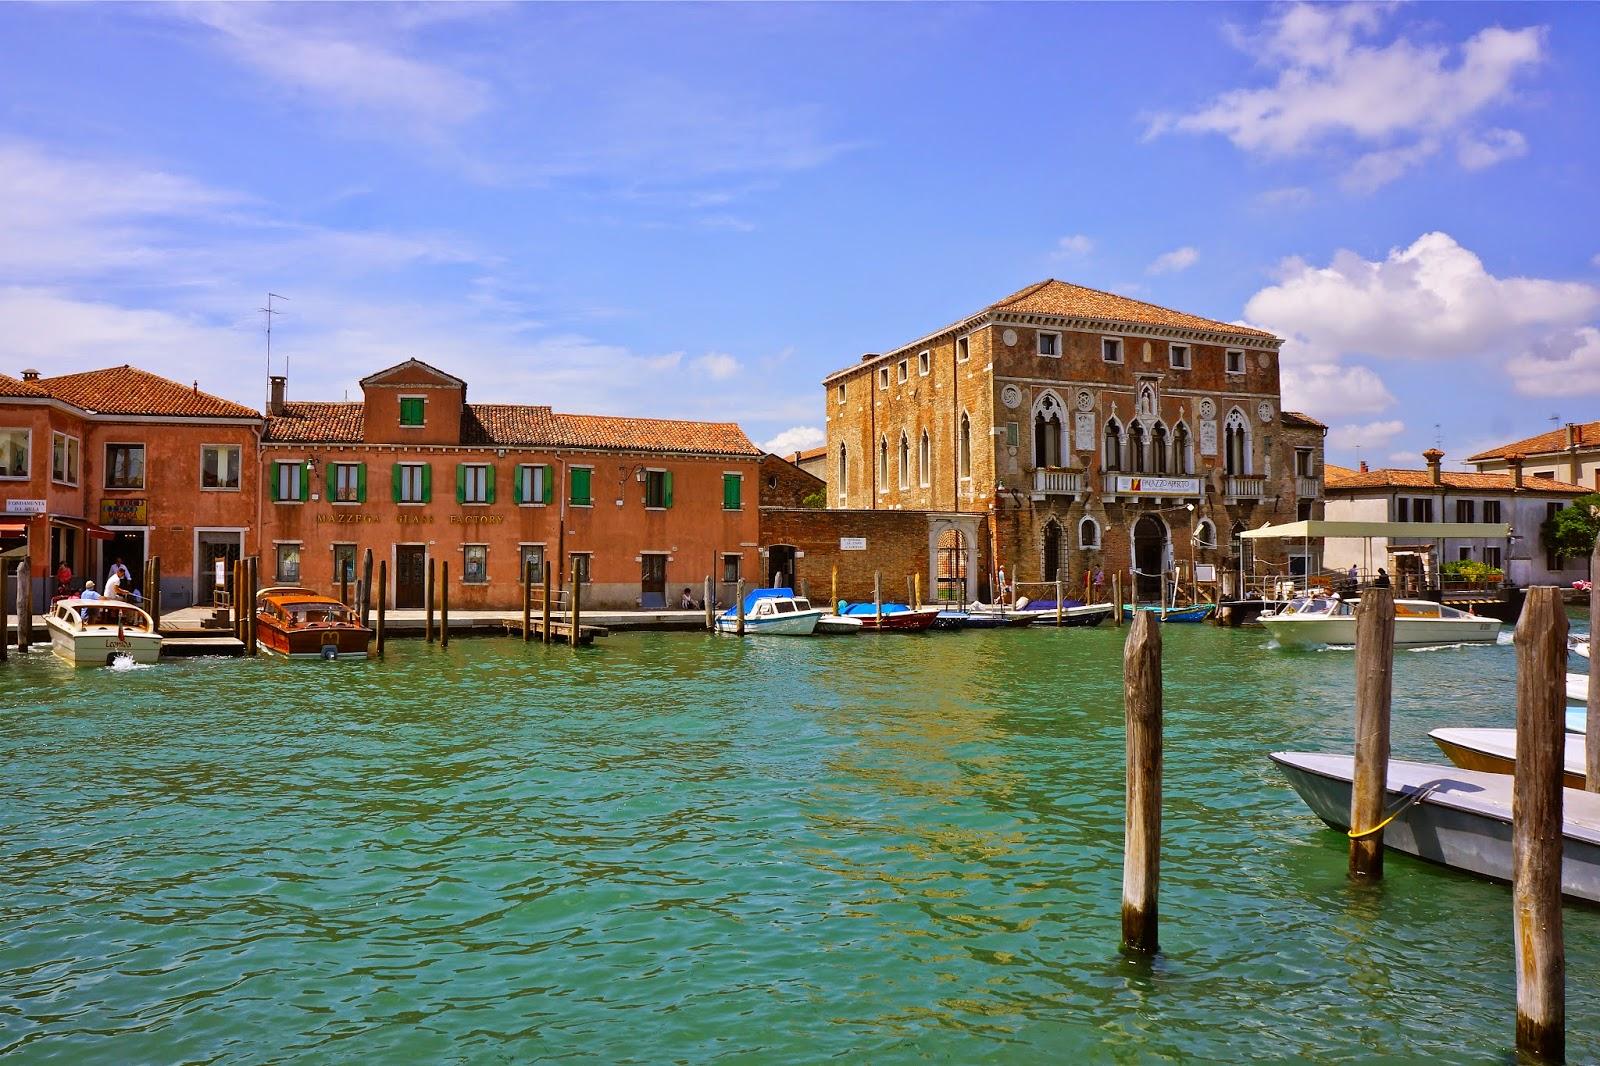 Palazzo da Mula in Murano, Venice.